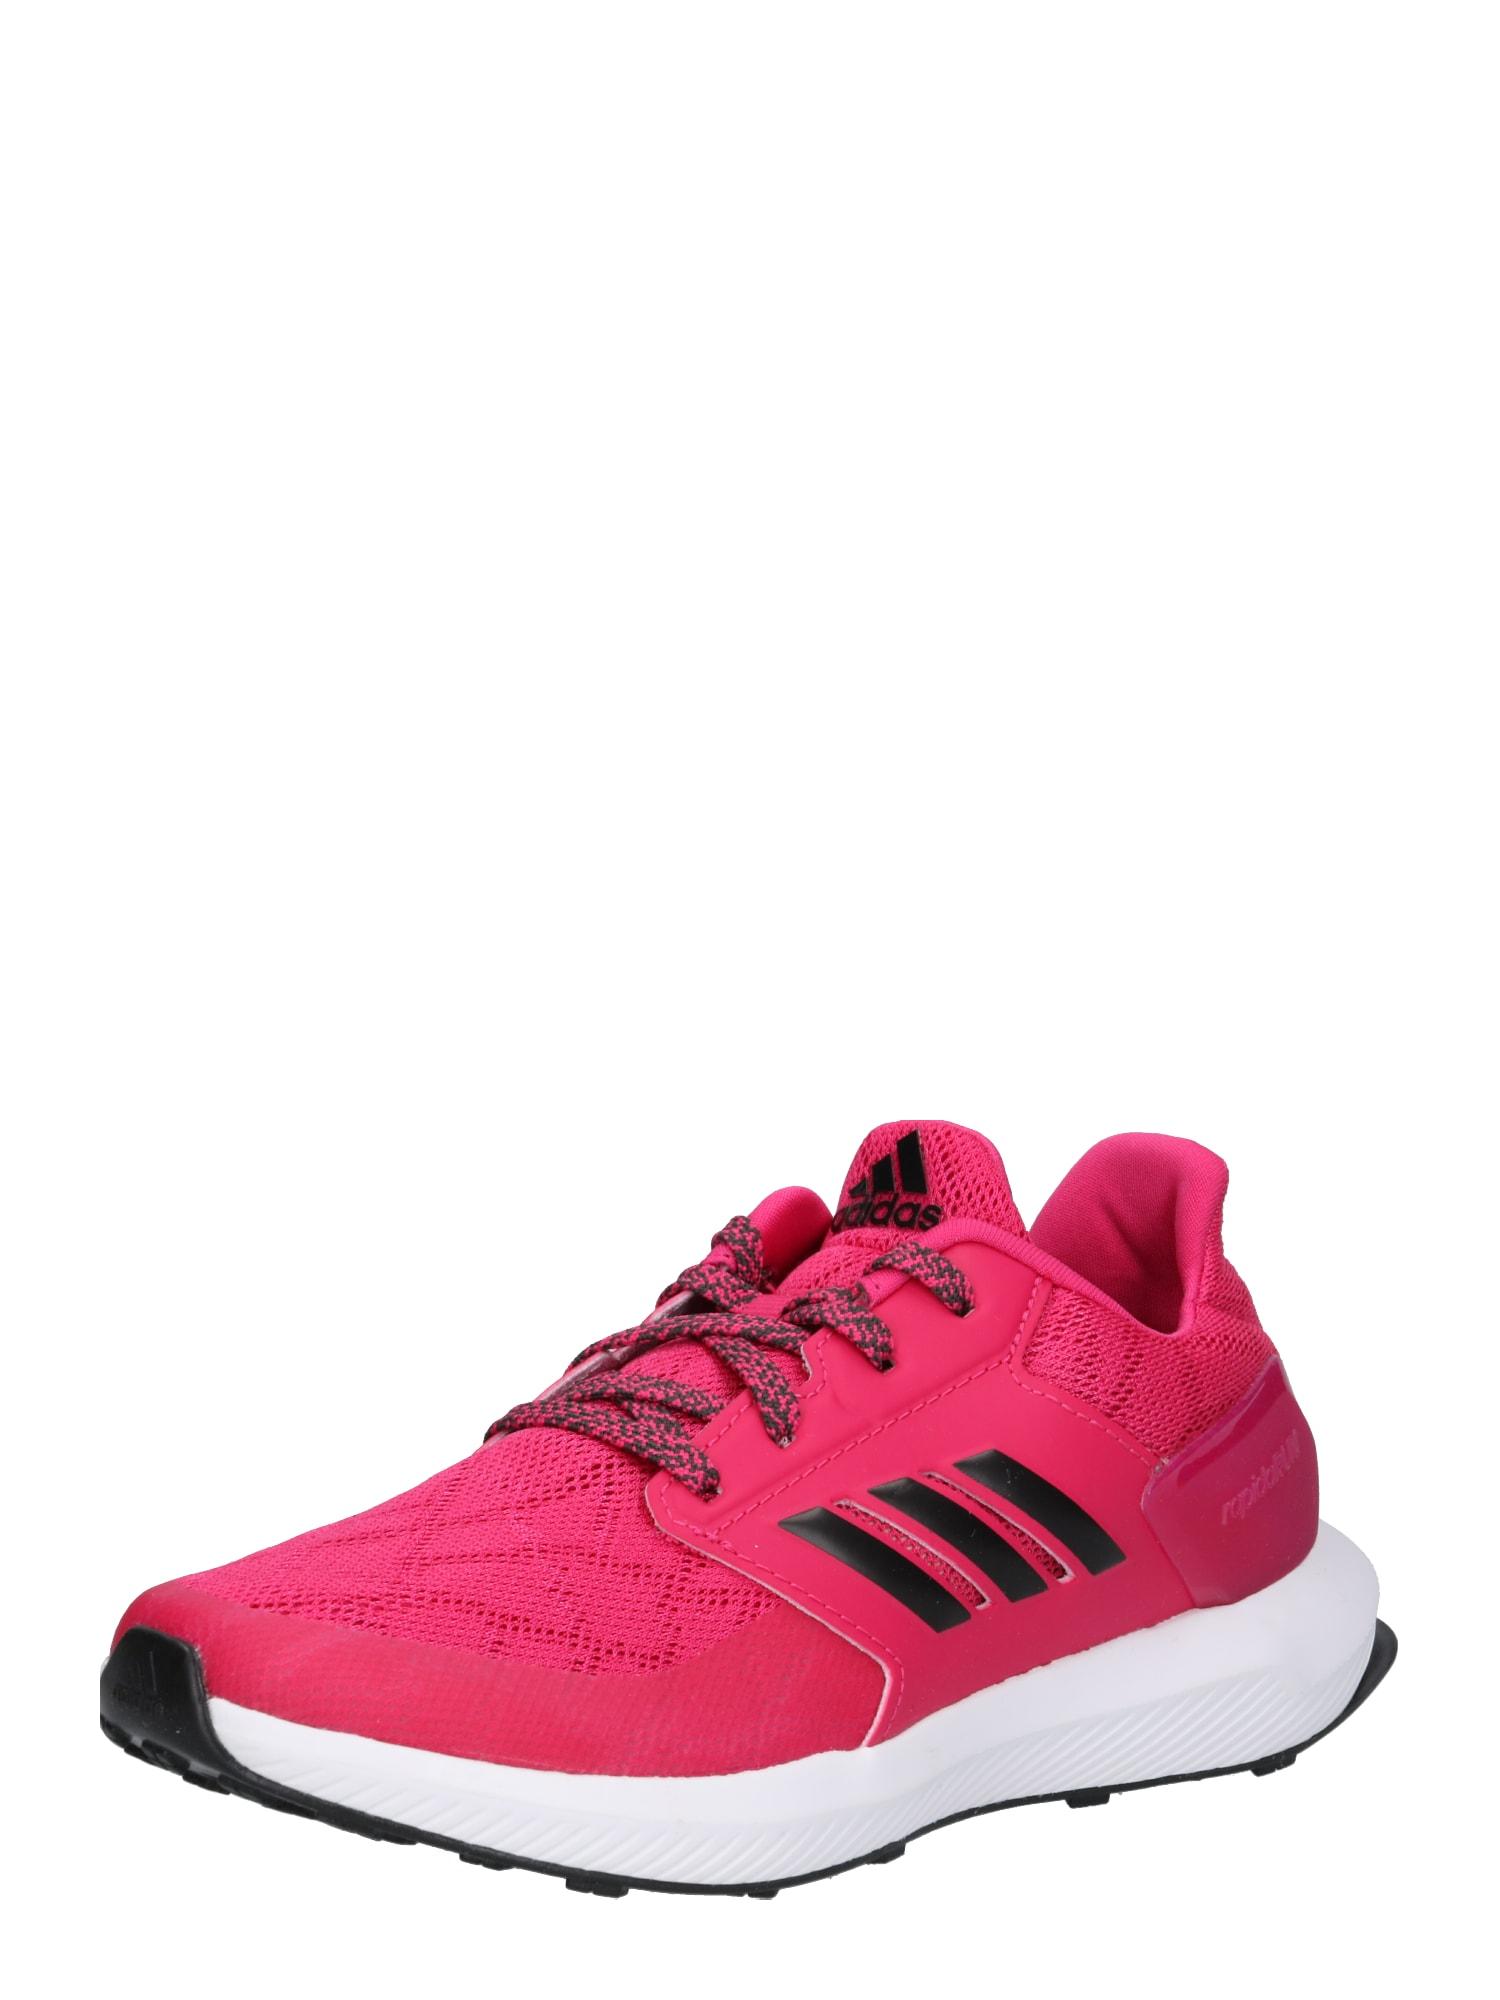 Sportovní boty RapidaRun K pink černá ADIDAS PERFORMANCE